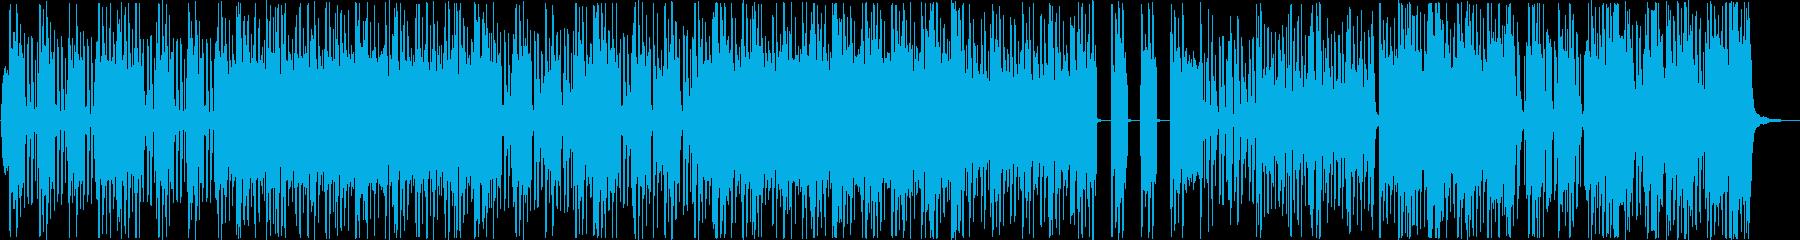 ミクスチャーロック系インストゥルメンタルの再生済みの波形